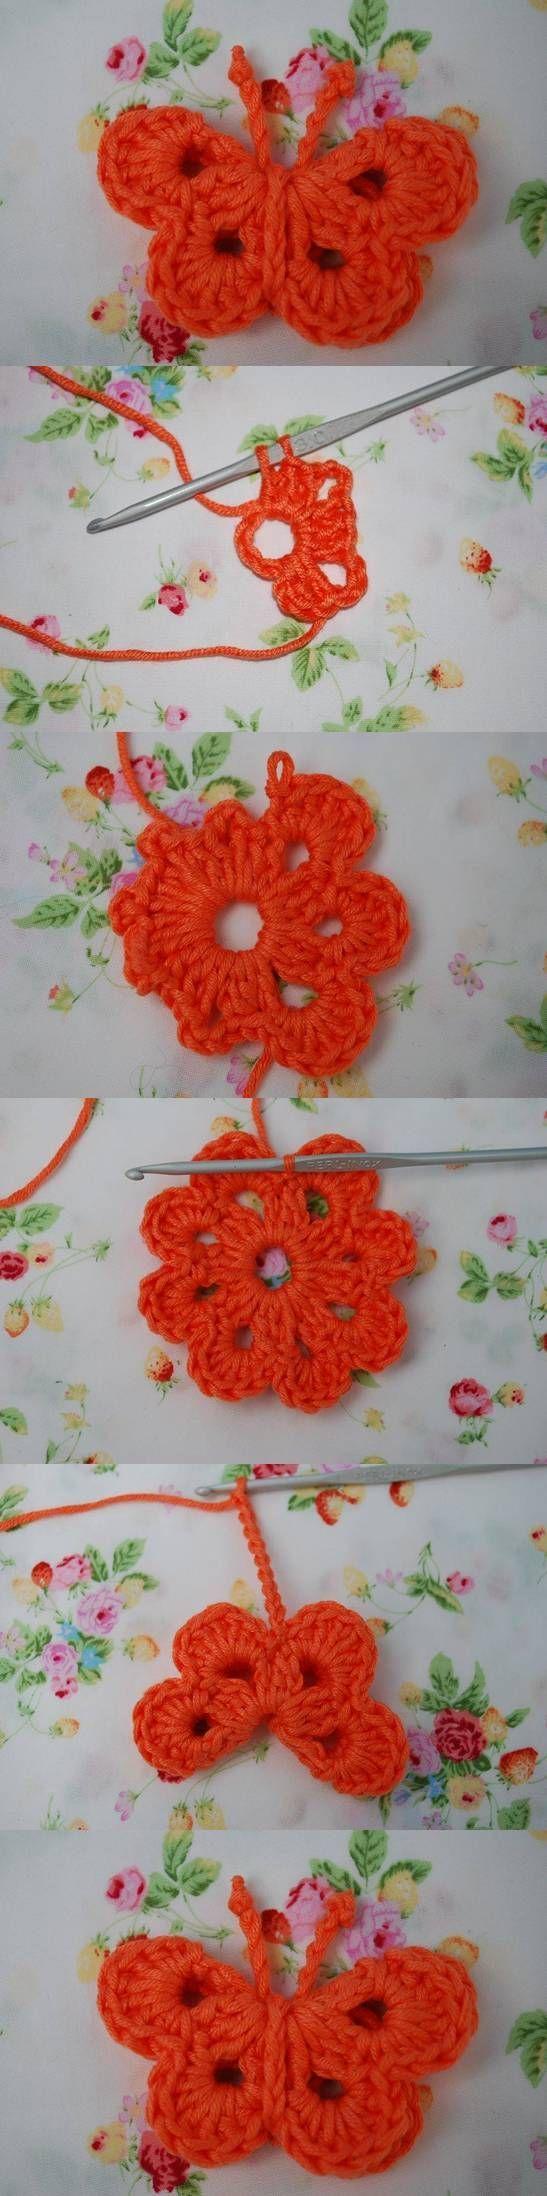 DIY Crochet Butterfly